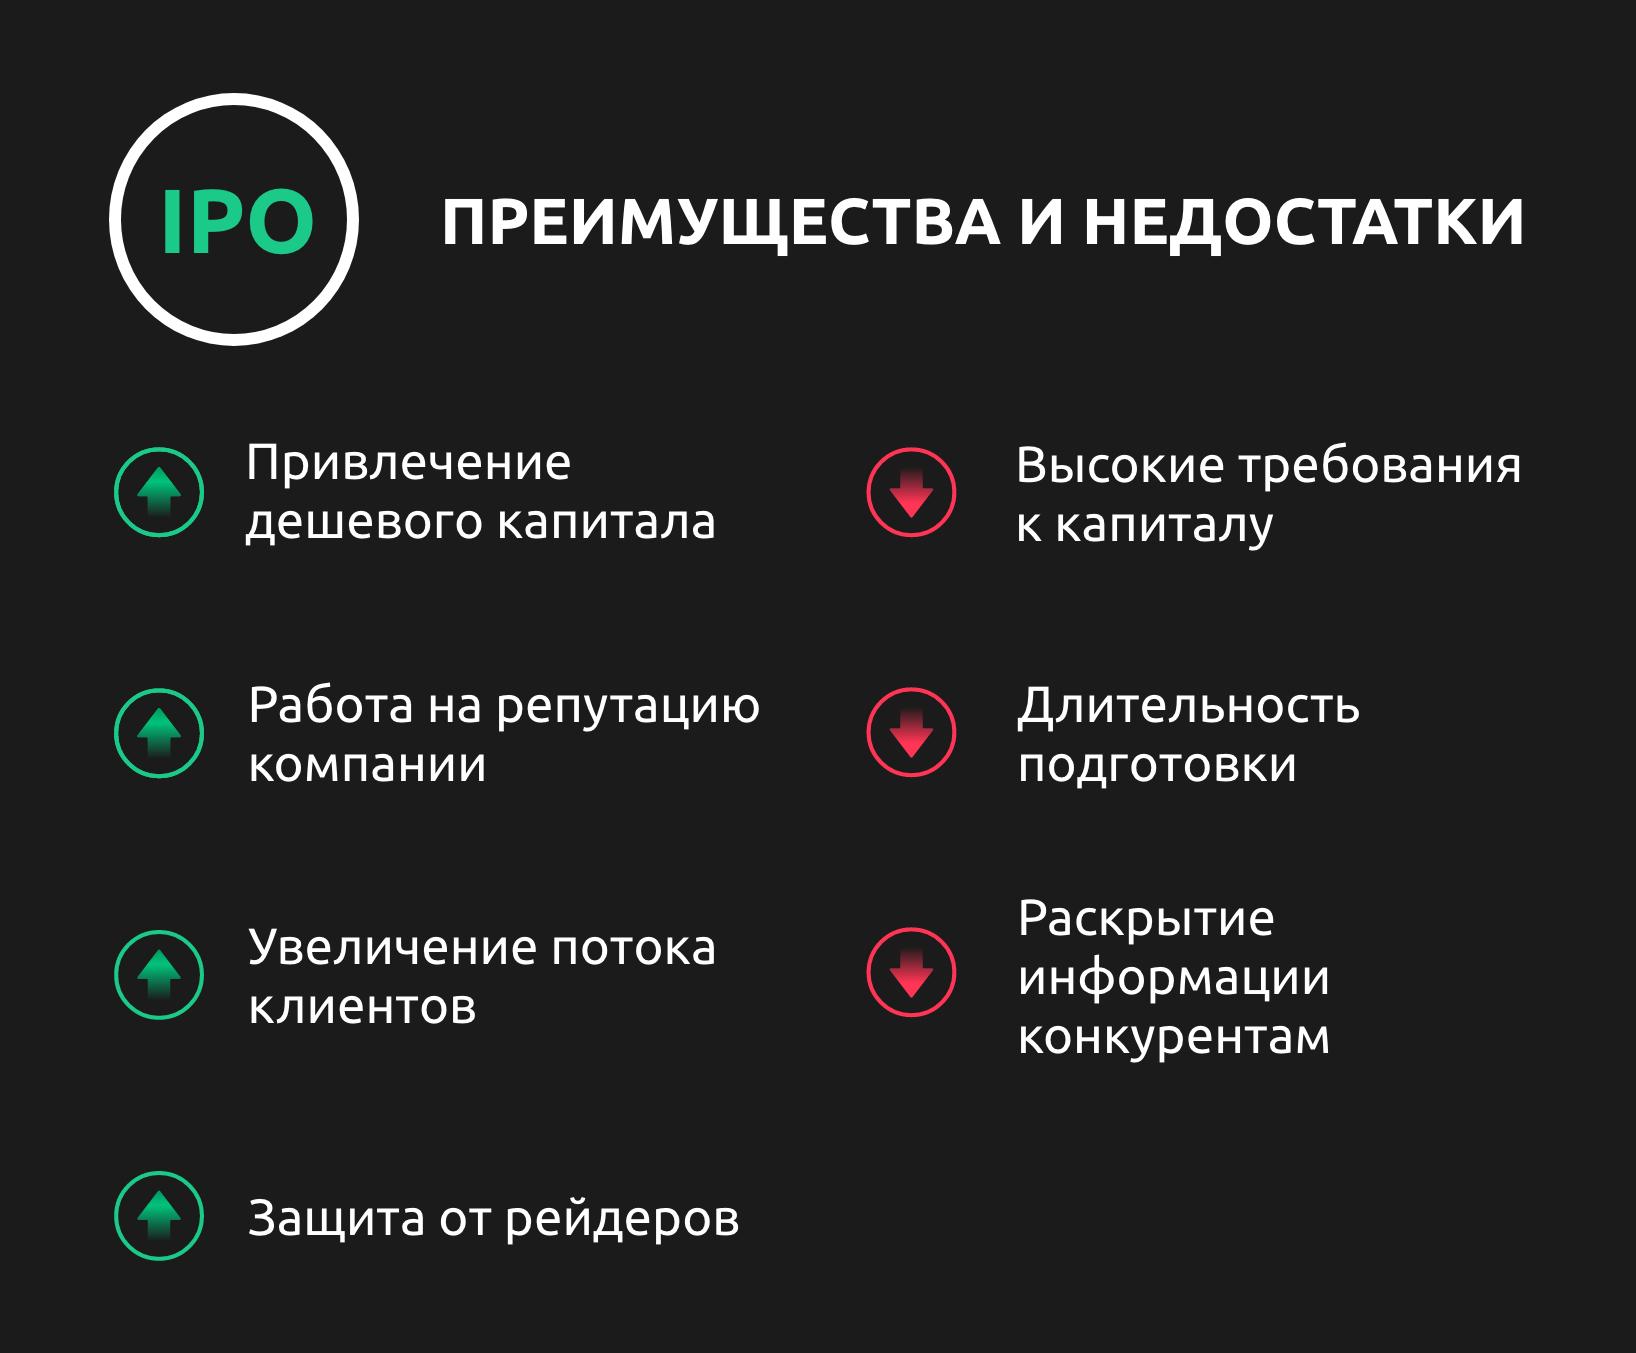 Что такое IPO: акции всем желающим